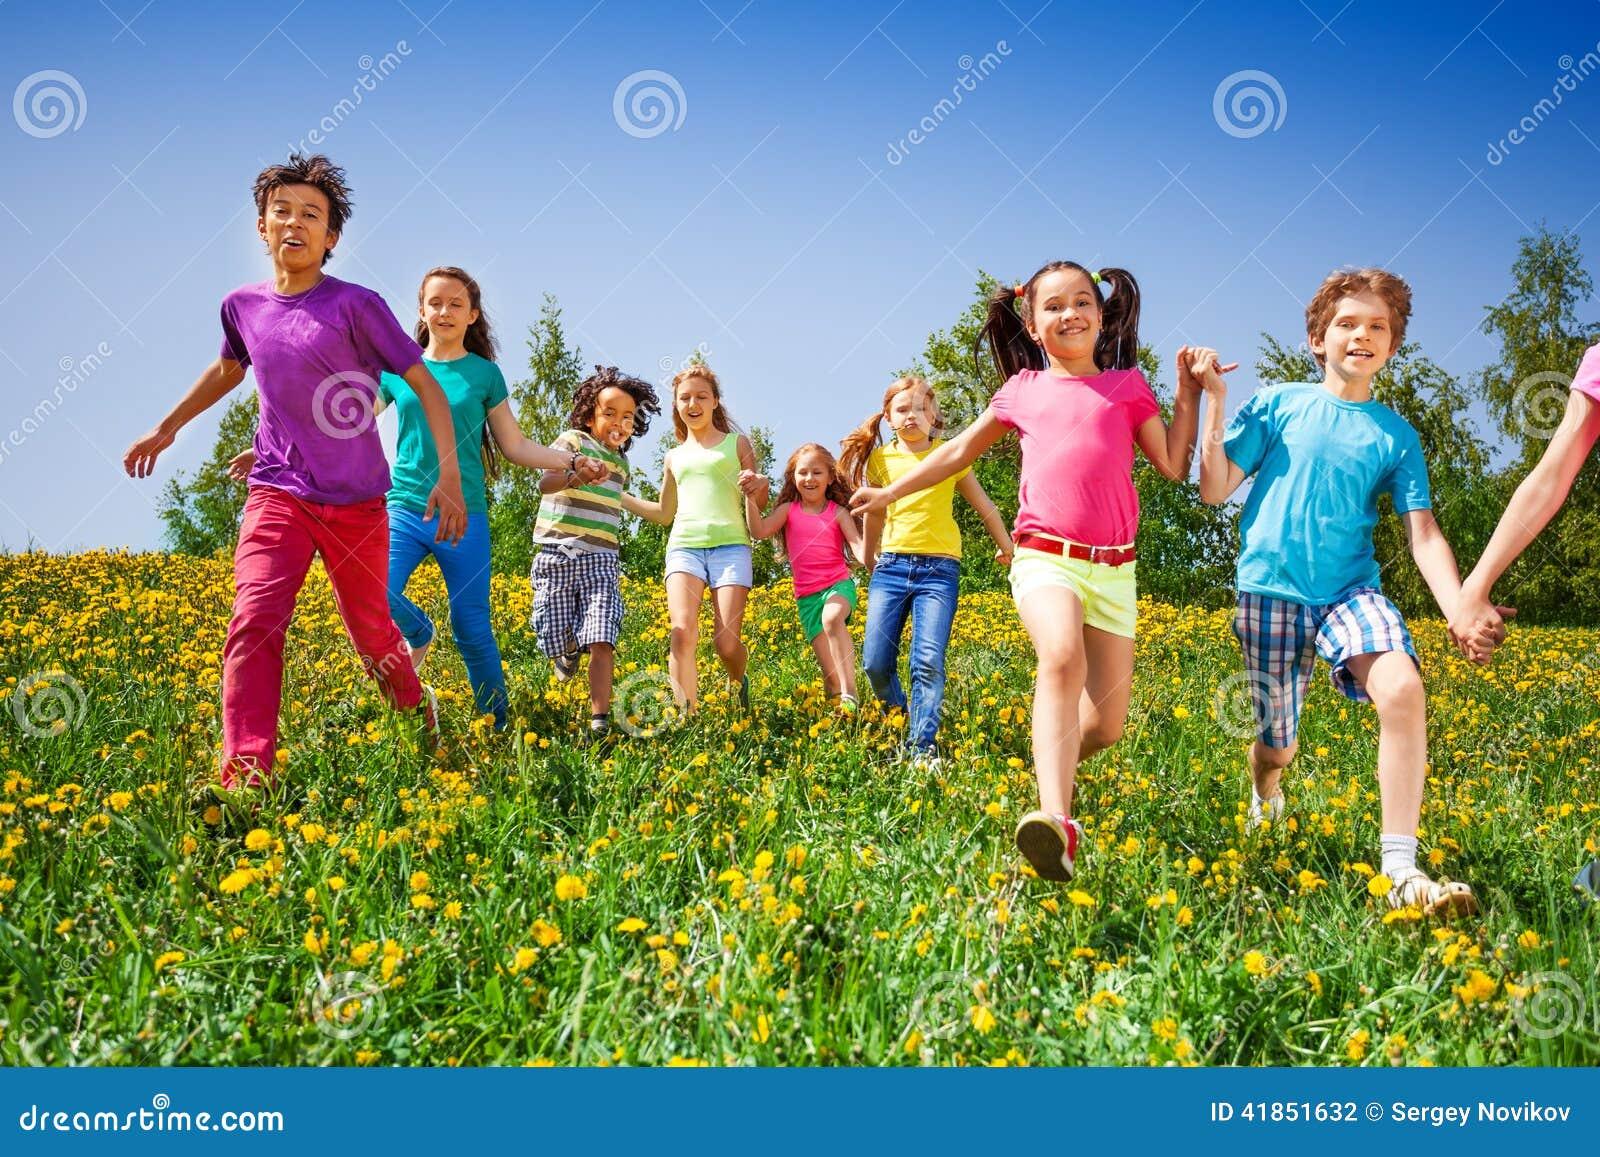 Счастливые дети бегут и держат руки в зеленом луге